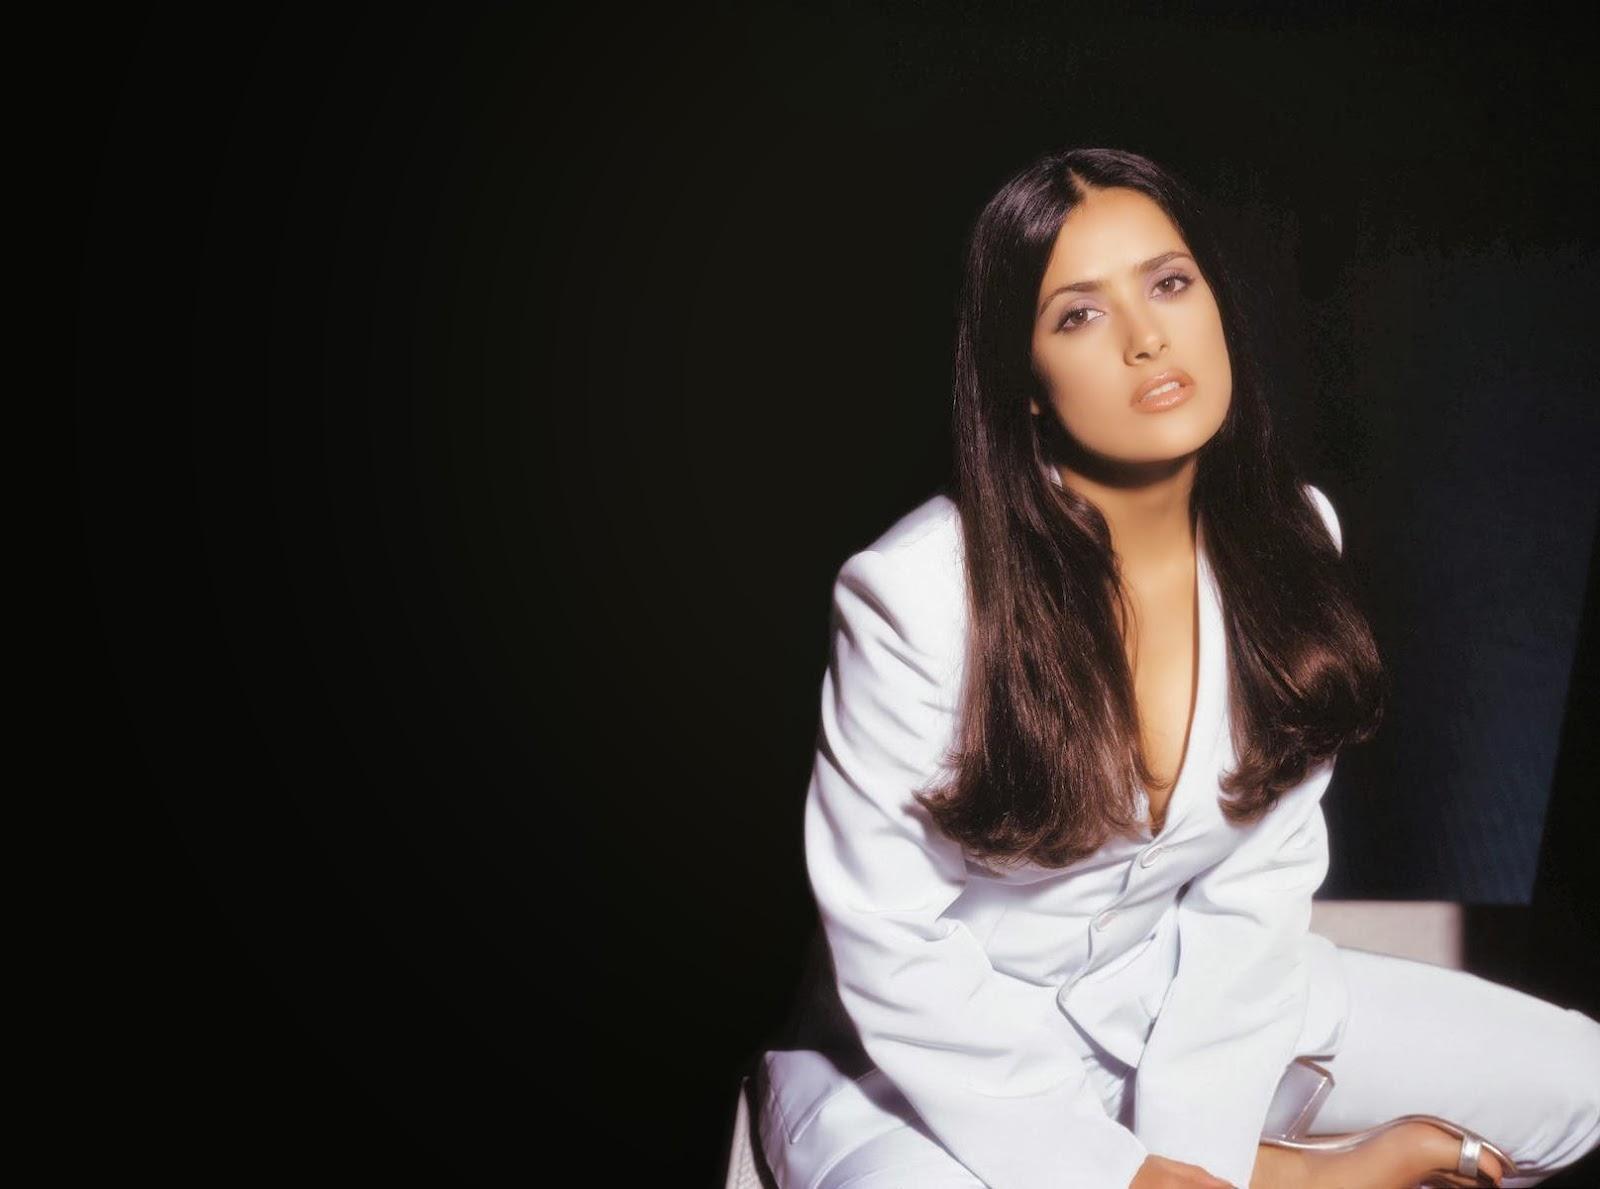 All 4u hd wallpaper free download salma hayek wallpapers free download - Hollywood actress full hd wallpaper ...